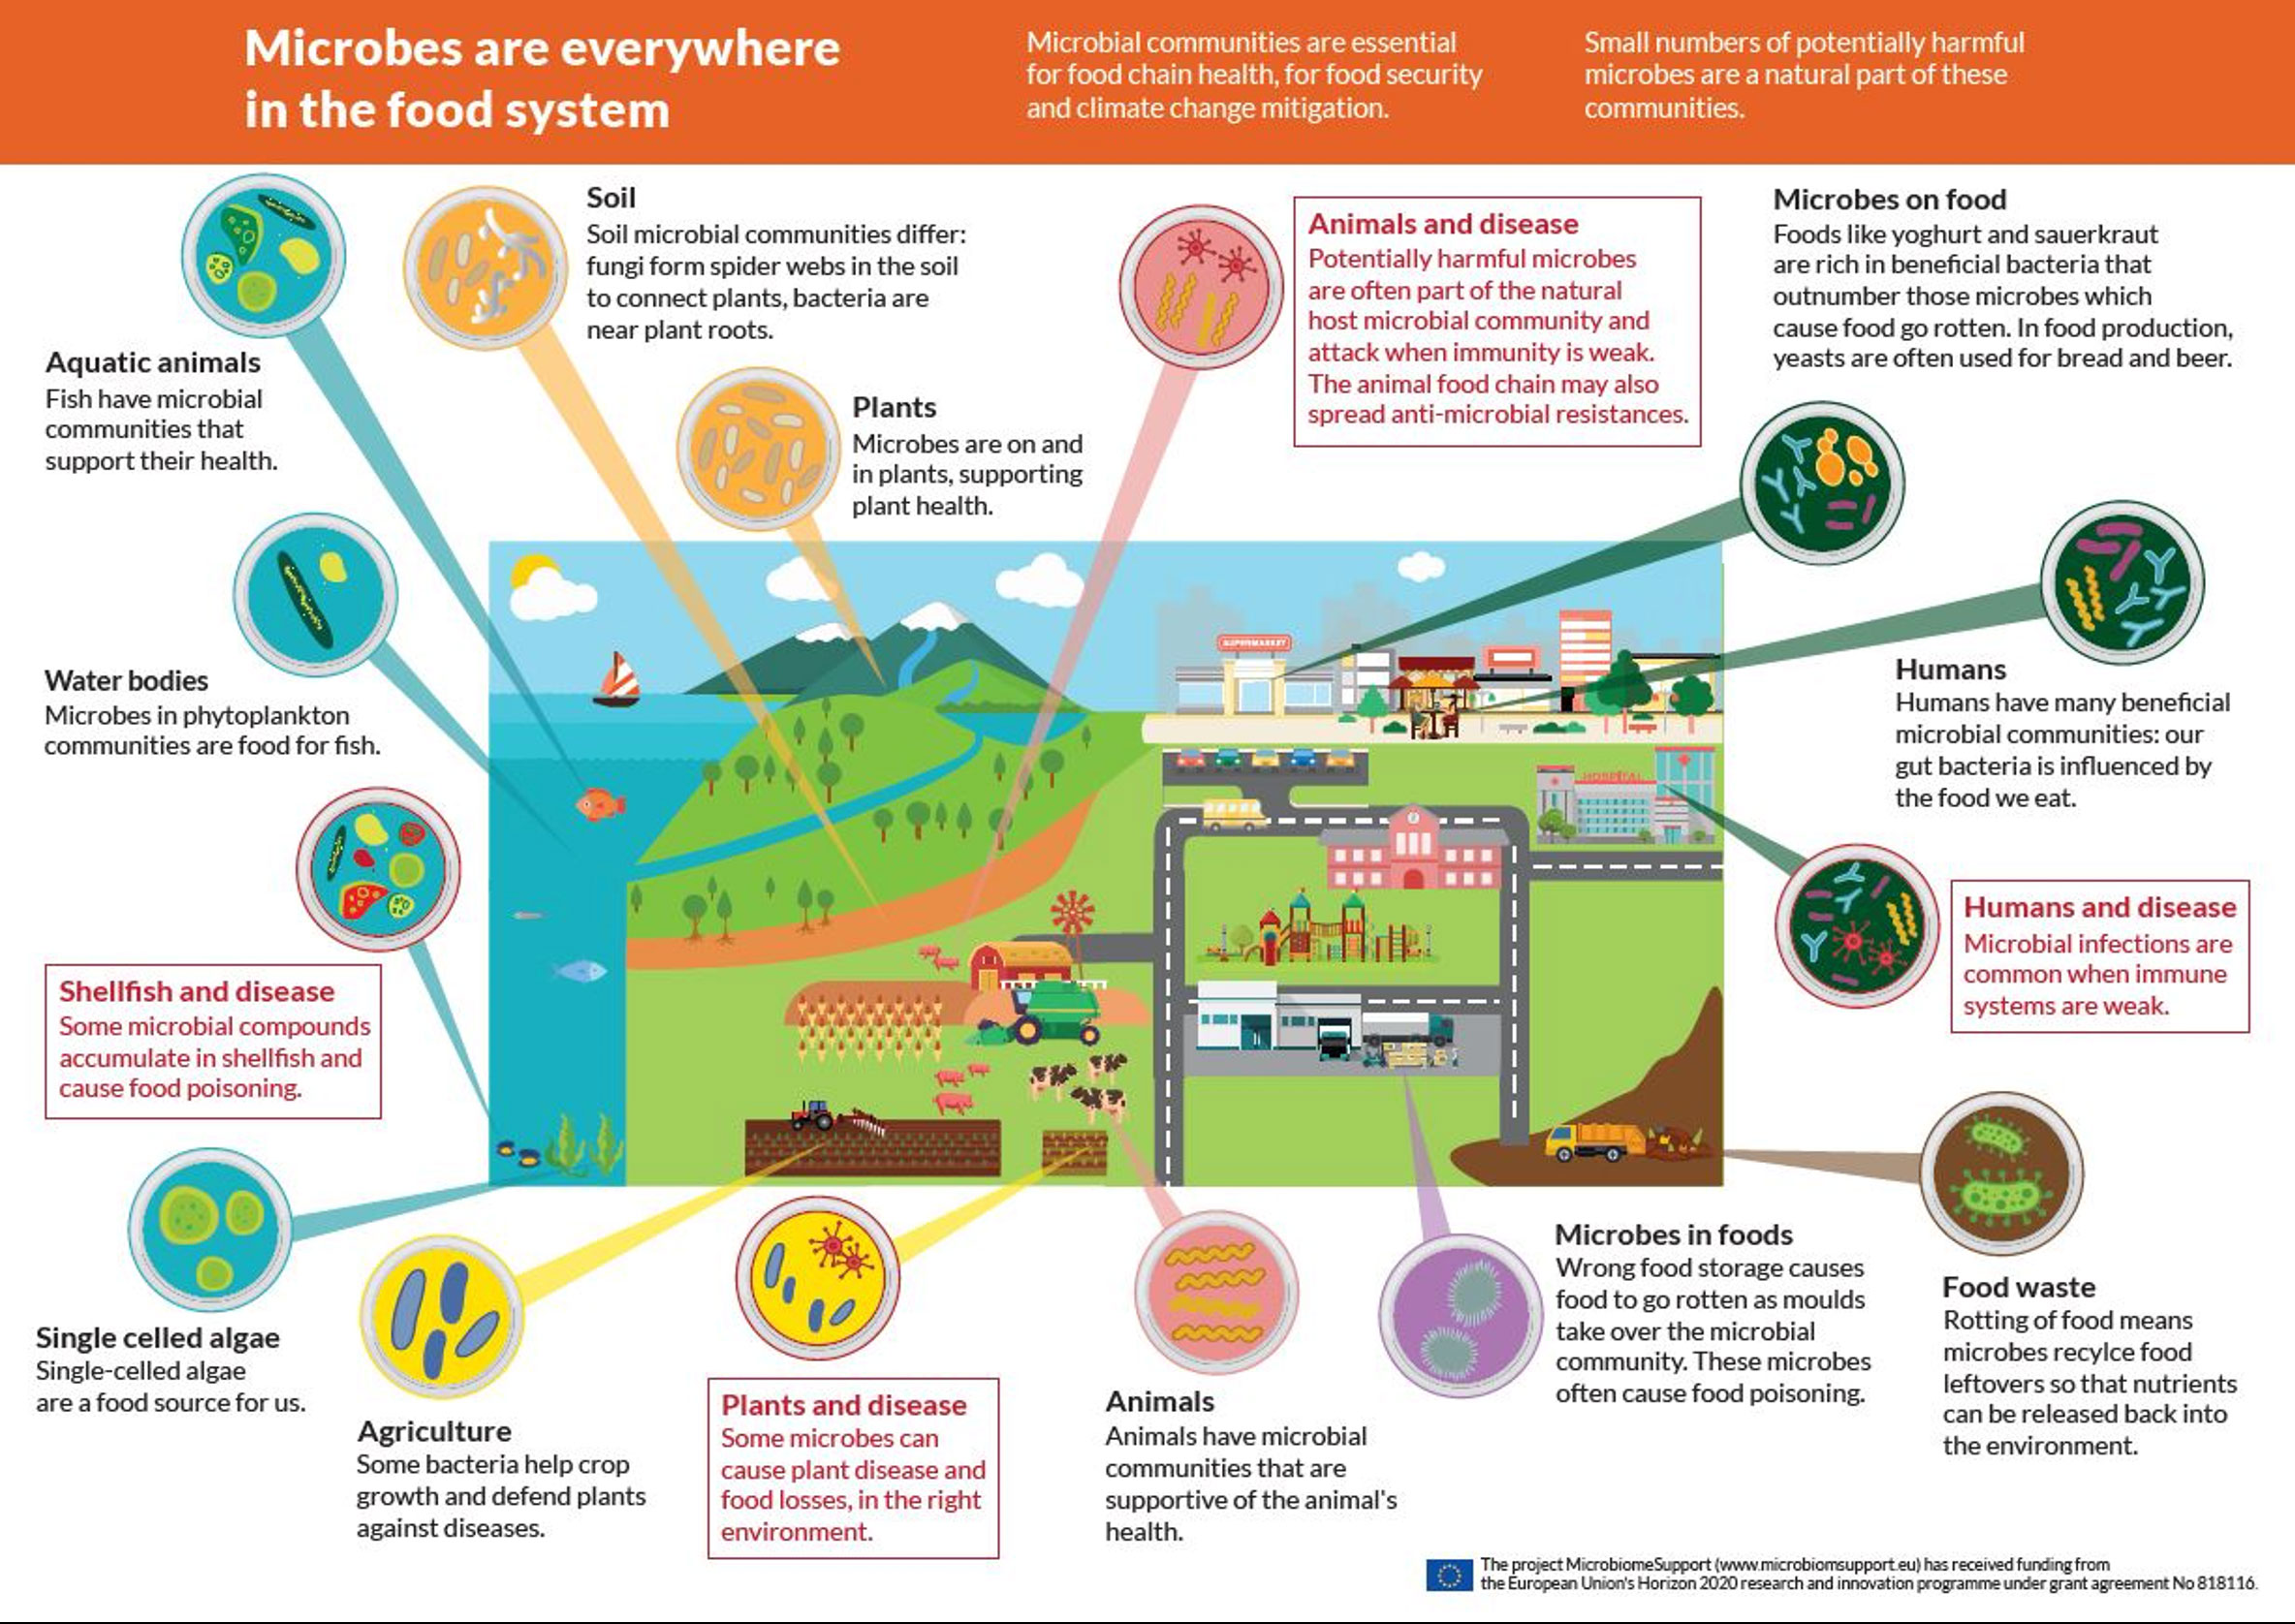 Prodotto grafico realizzato nell'ambito del Progetto europeo Microbiome Support Action (https://www.microbiomesupport.eu/wp-content/uploads/2020/06/A4-infographic.jpg), mostra come i microrganismi siano presenti dovunque nell'intero sistema alimentare (ambienti acquatici, organismi animali, suolo, radici, foglie piante, alimenti, rifiuti). I microrganismi sono essenziali per la salute delle piante, degli animali, dell'uomo e dell'ambiente, per la qualità e sicurezza alimentare, nonché nei processi di decomposizione dei rifiuti alimentari; intervengono nell'accelerare o mitigare gli effetti dei cambiamenti climatici sulla salute dell'ambiente.